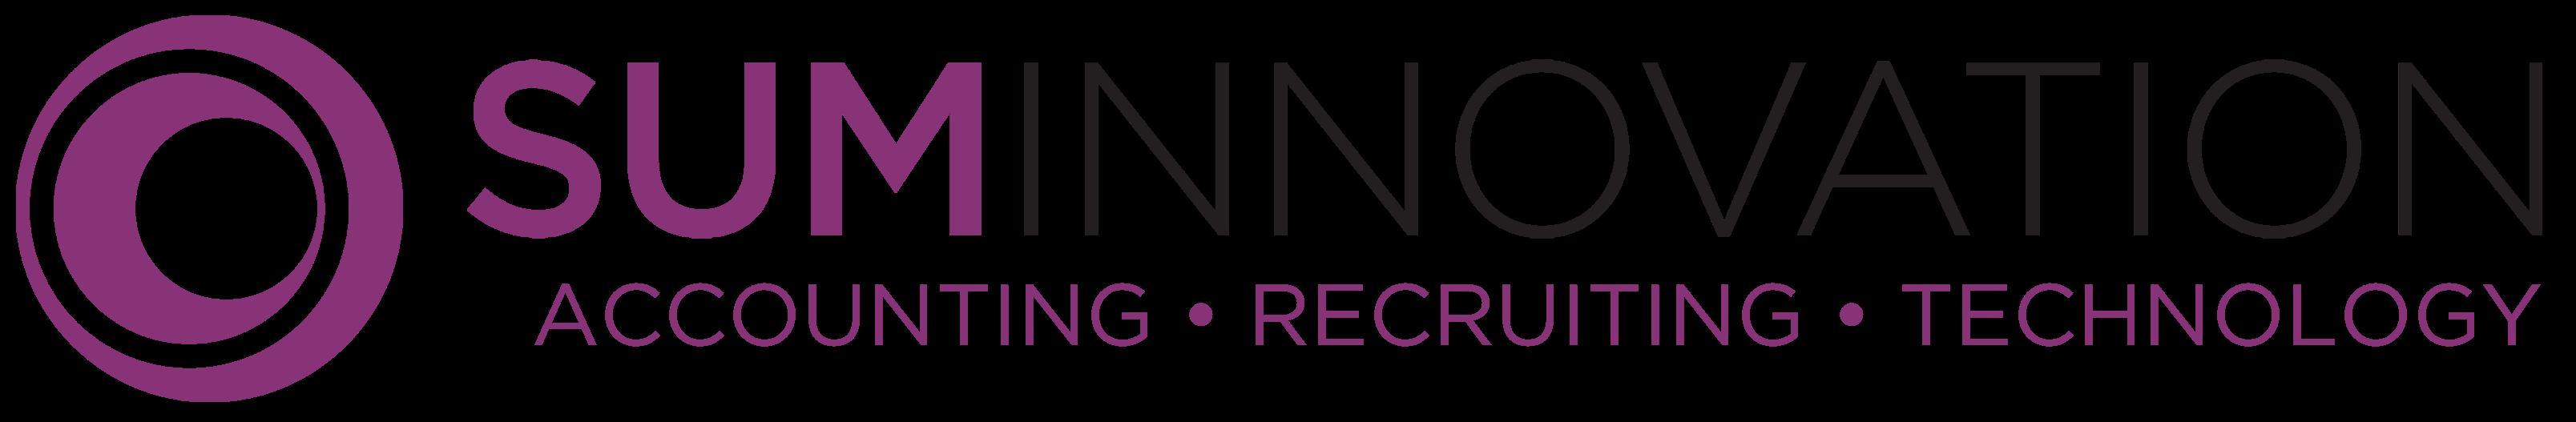 Suminnovation logo art horizontal